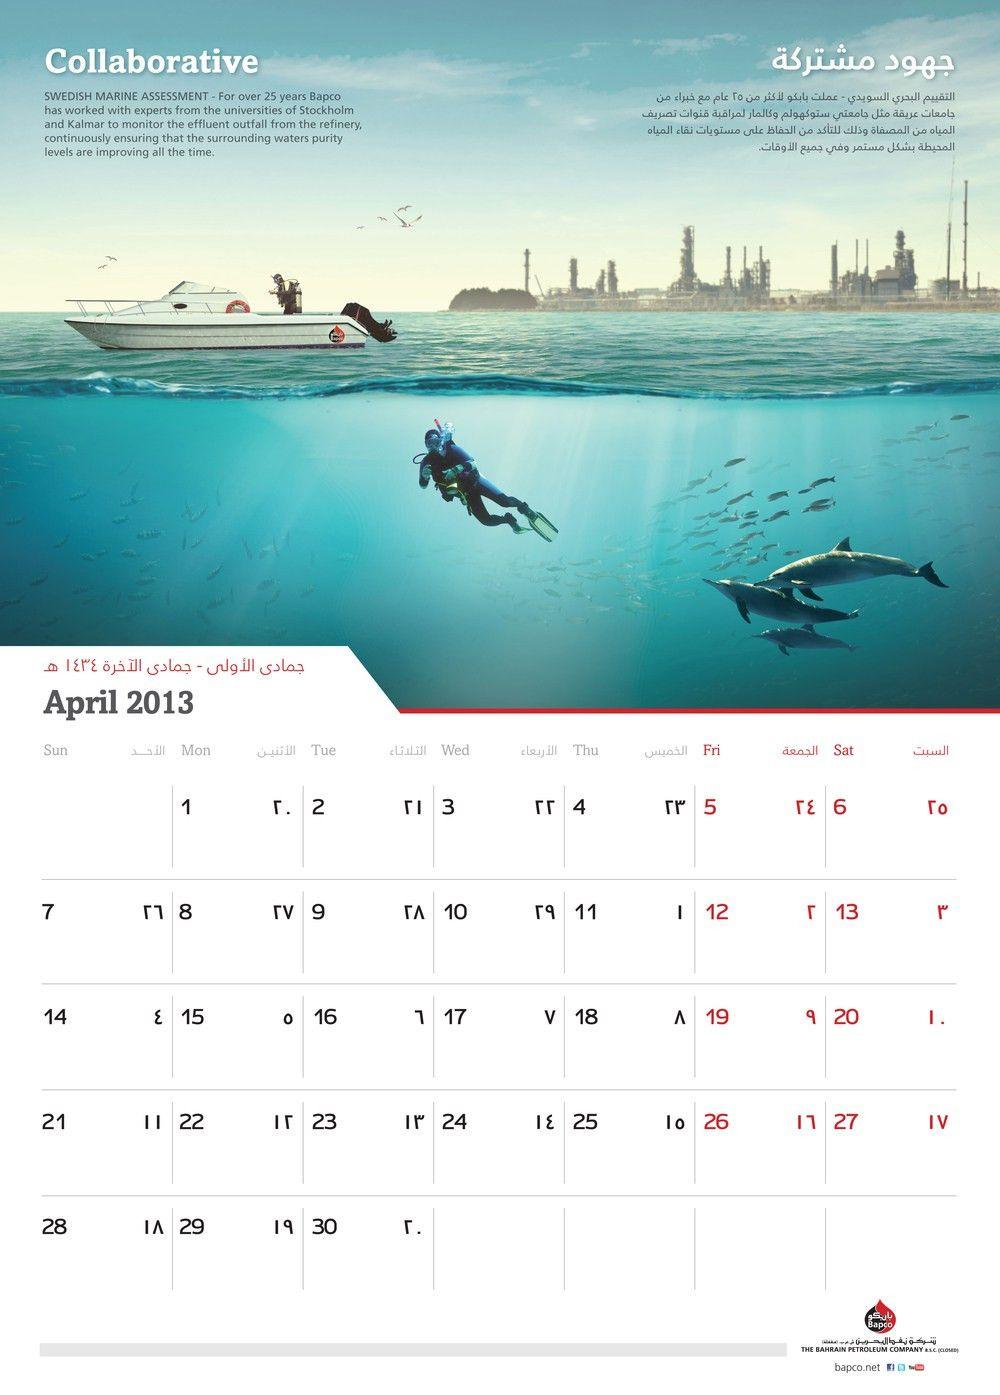 2013 Bapco Calendar - Design — Miracle - Design Agency, Bahrain